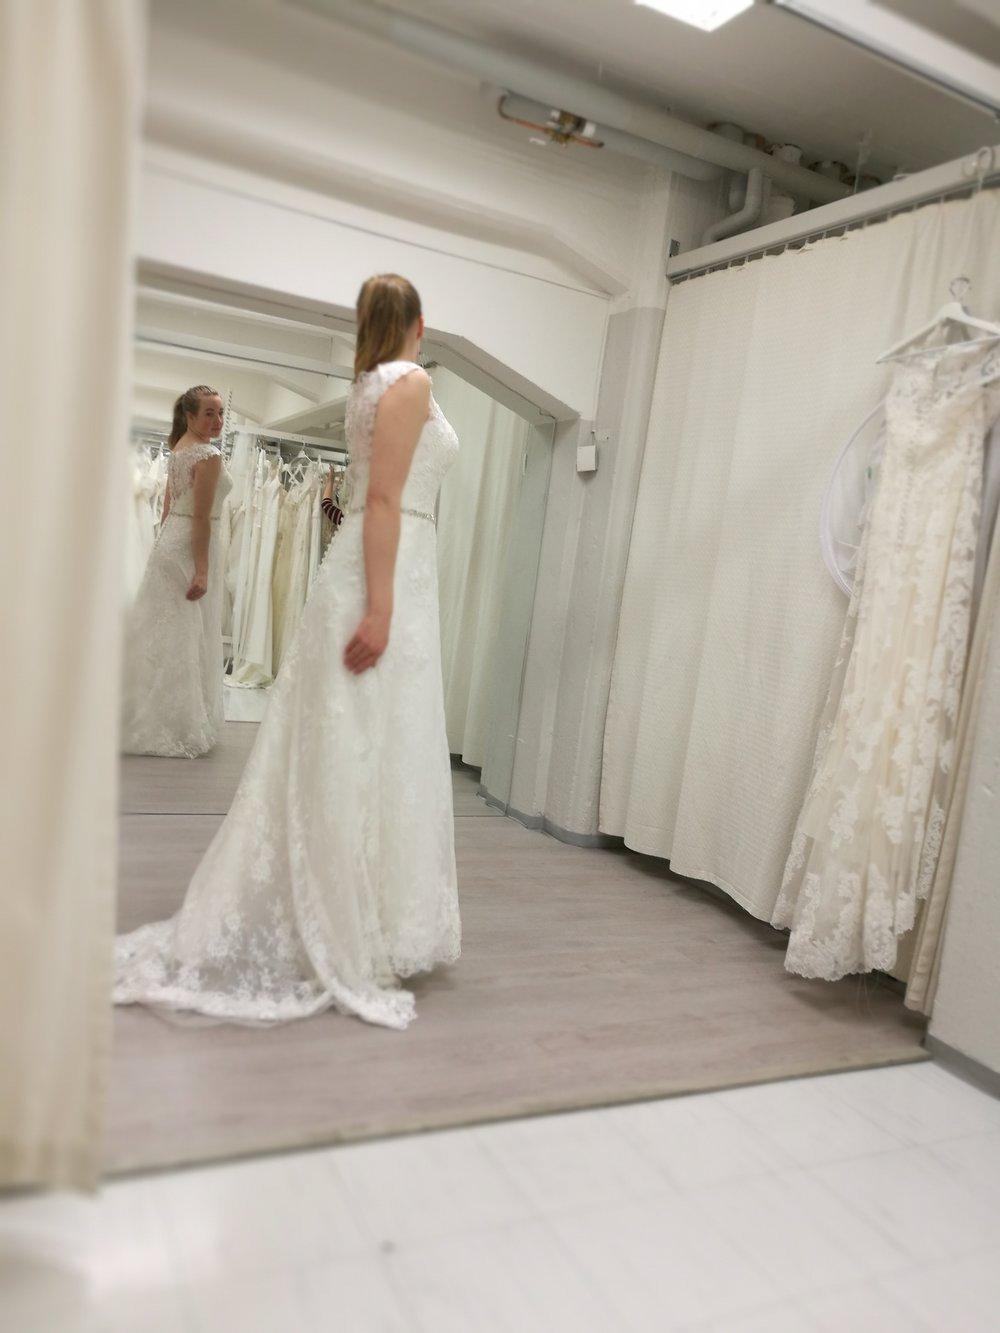 Tammikuu: pukujen testausta Tampereella